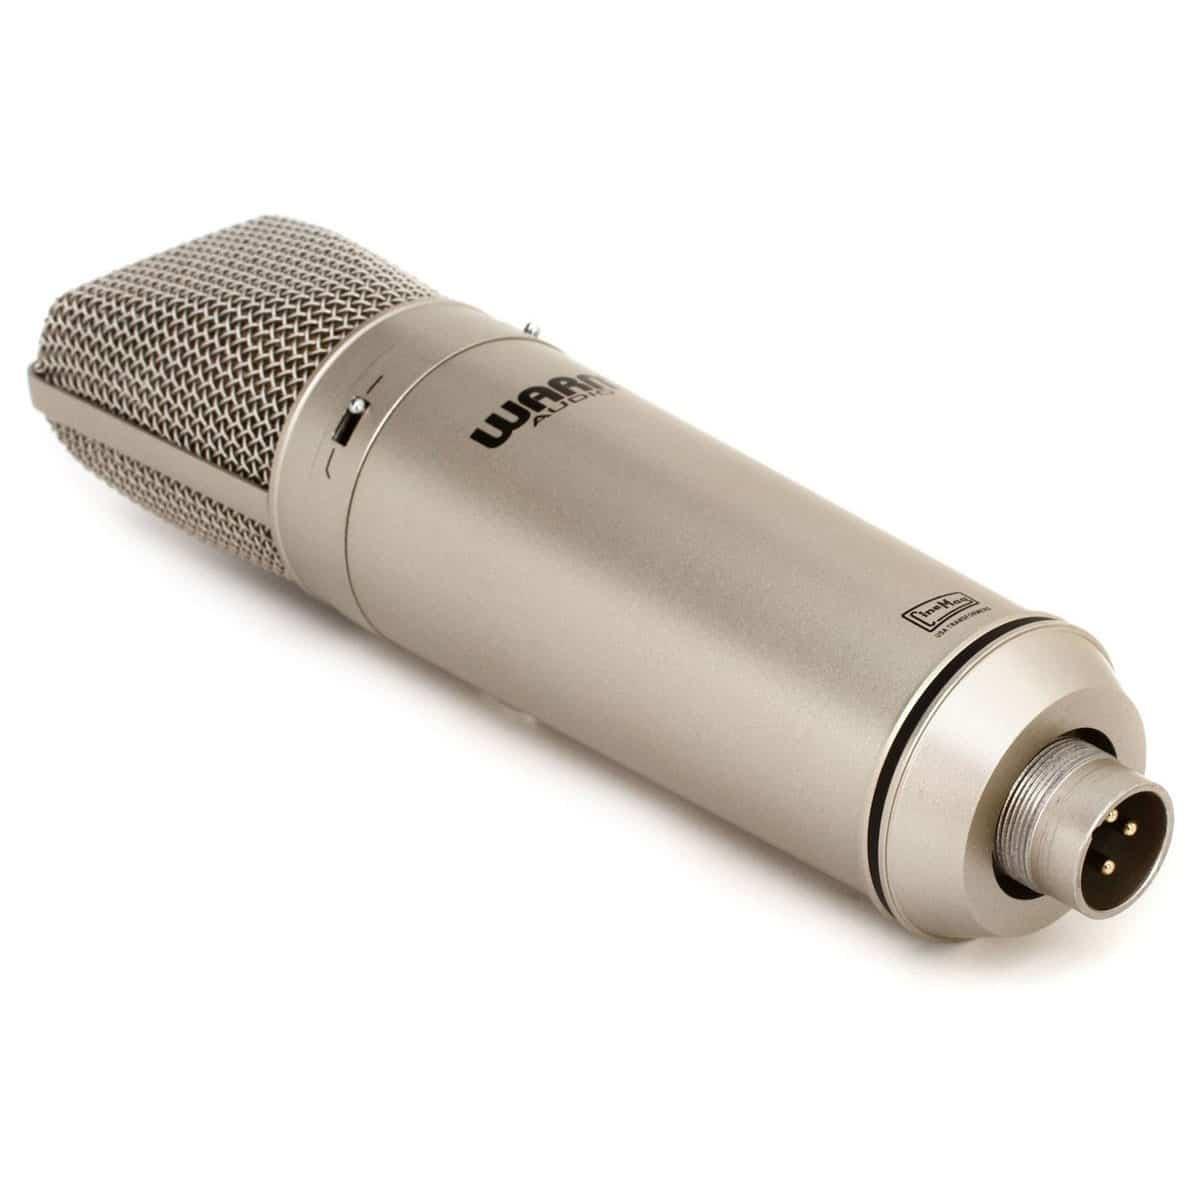 Warm Audio WA 87 02 Microfoni, Microfoni a Condensatore, Pro Audio